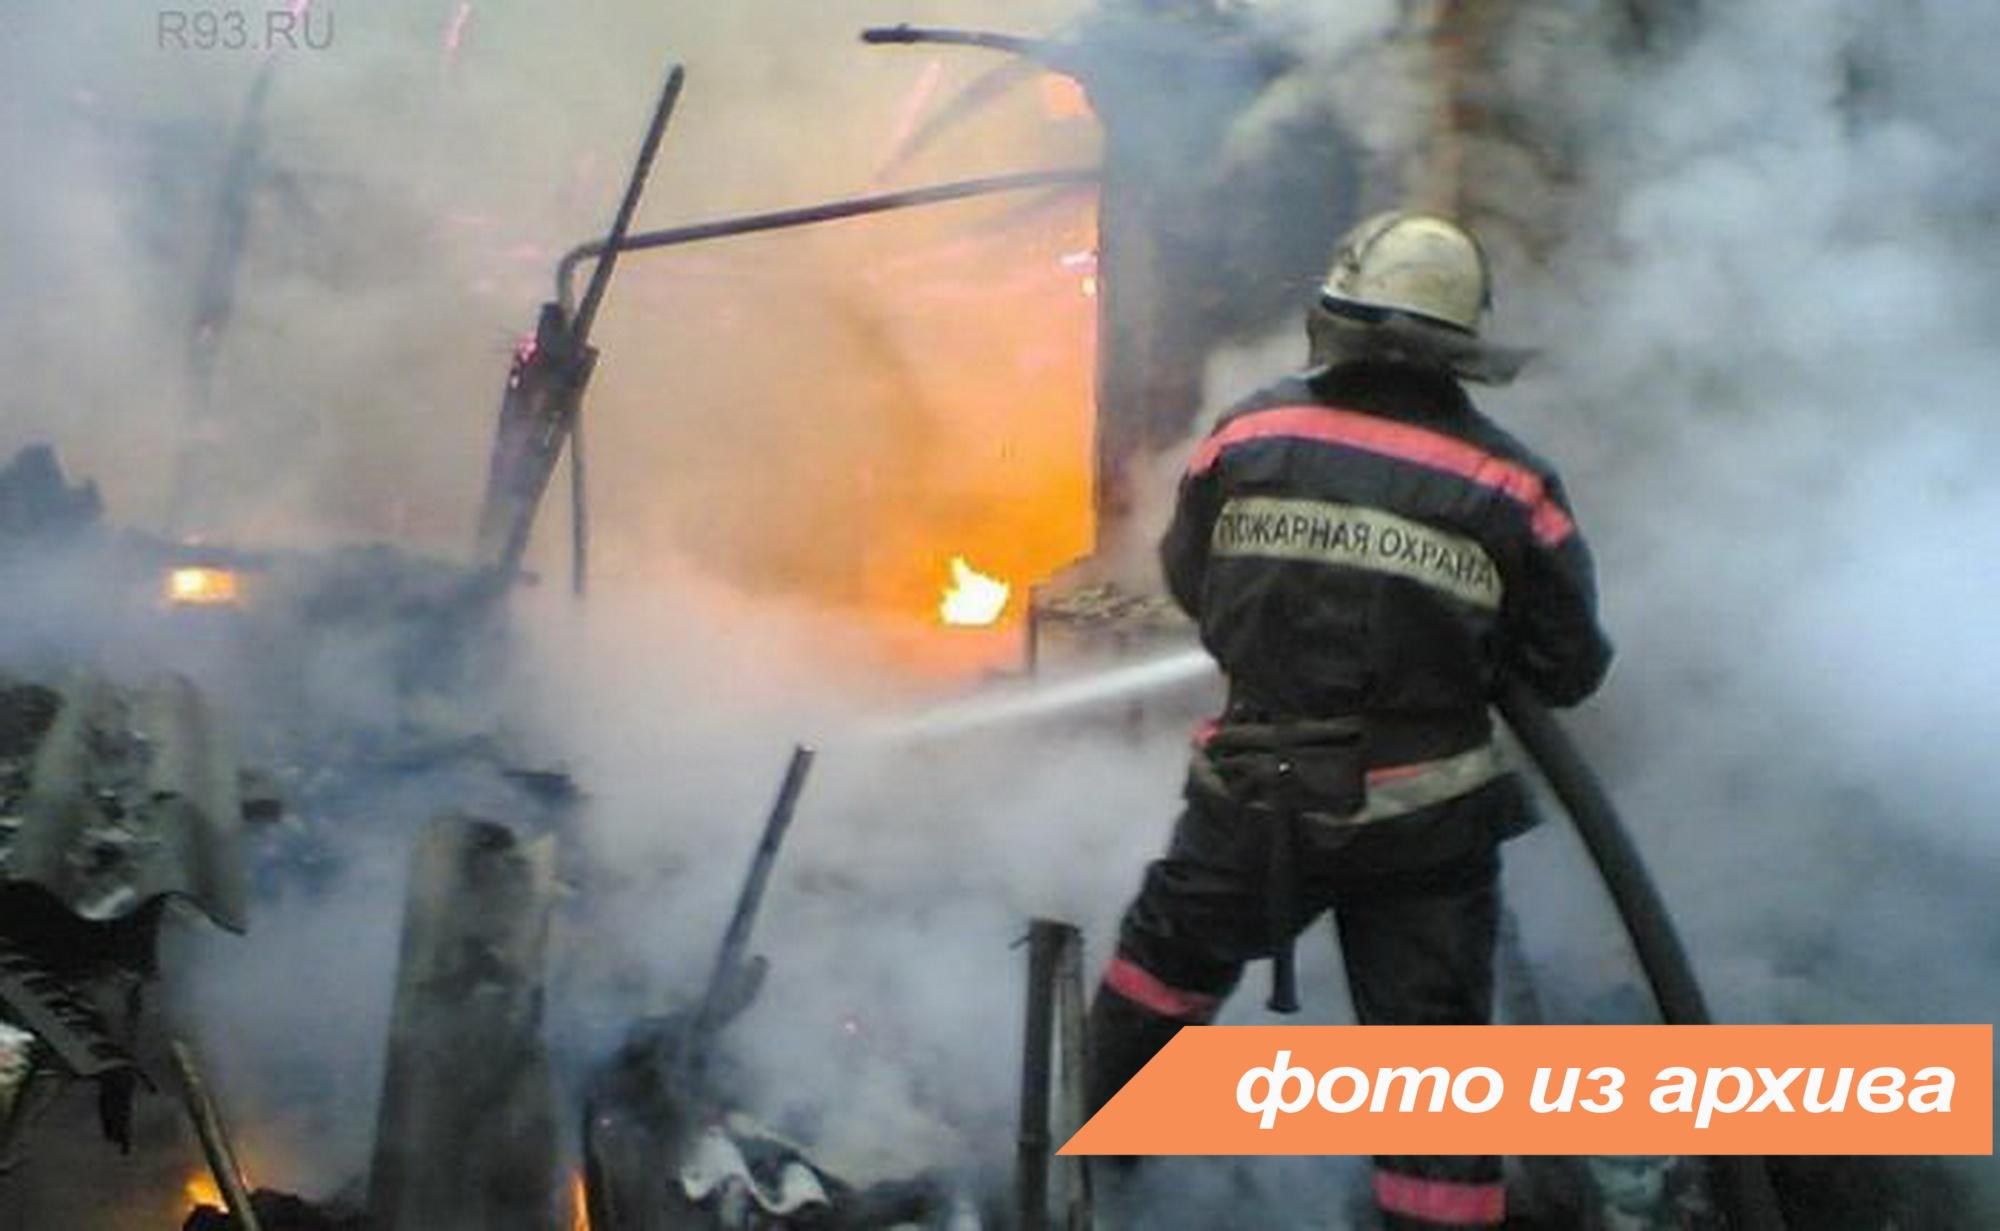 Пожарно-спасательное подразделение Ленинградской области ликвидировало пожар в Приозерском районе